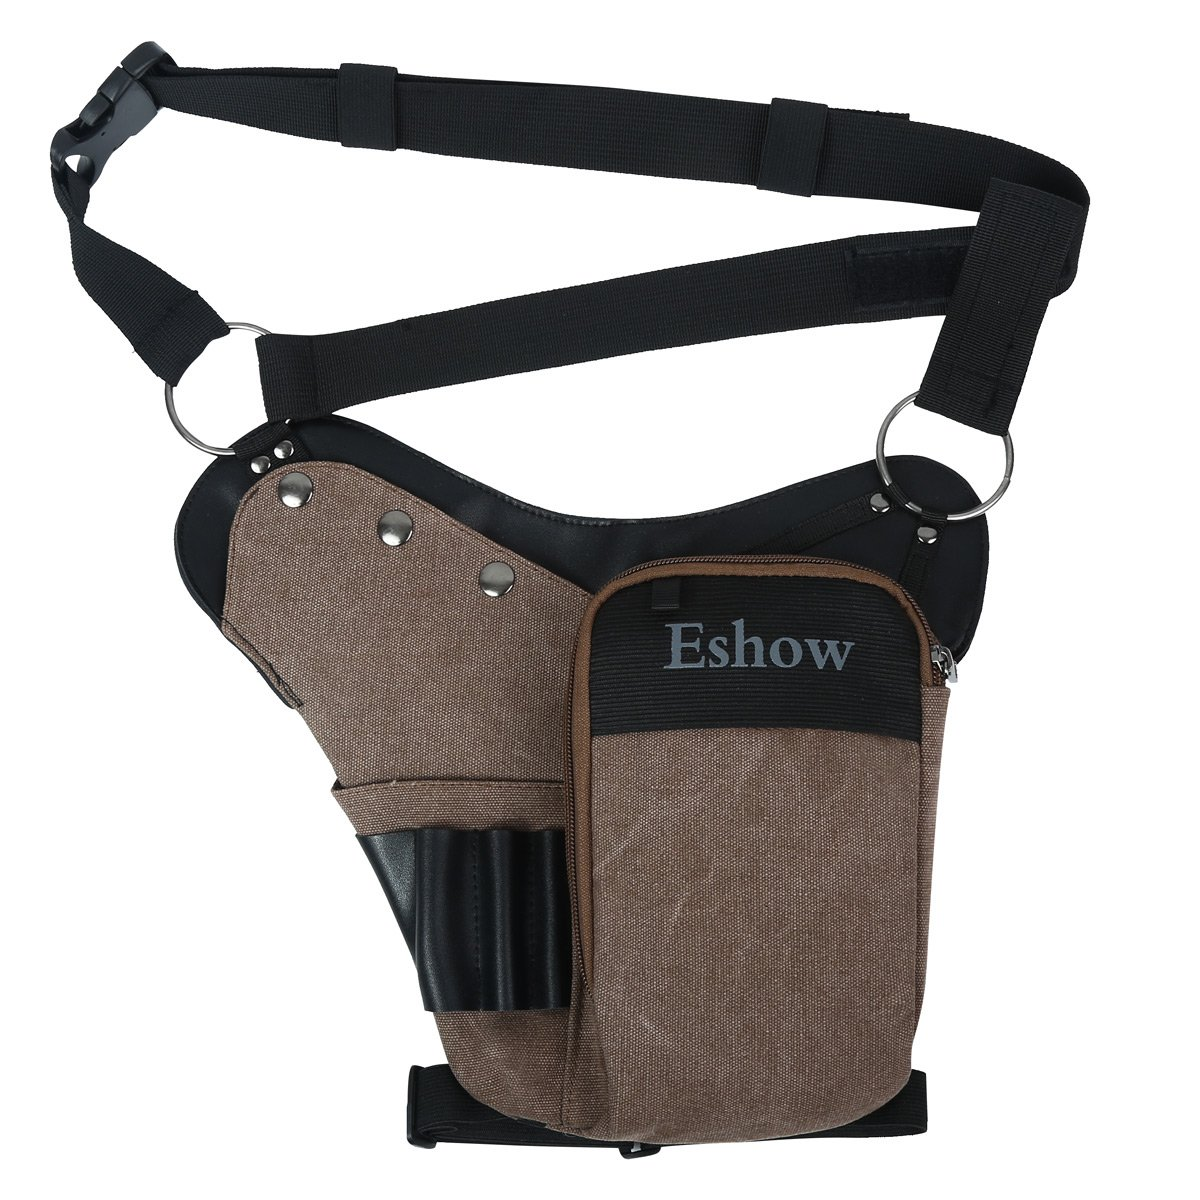 Eshow Sac de Jambe pour outils Sac à outils tactique Trousse à Outils électrotechnique porte-outil Accessoire de ceinture pour Bricolage/électricien / Plombier/Menuisier Marron